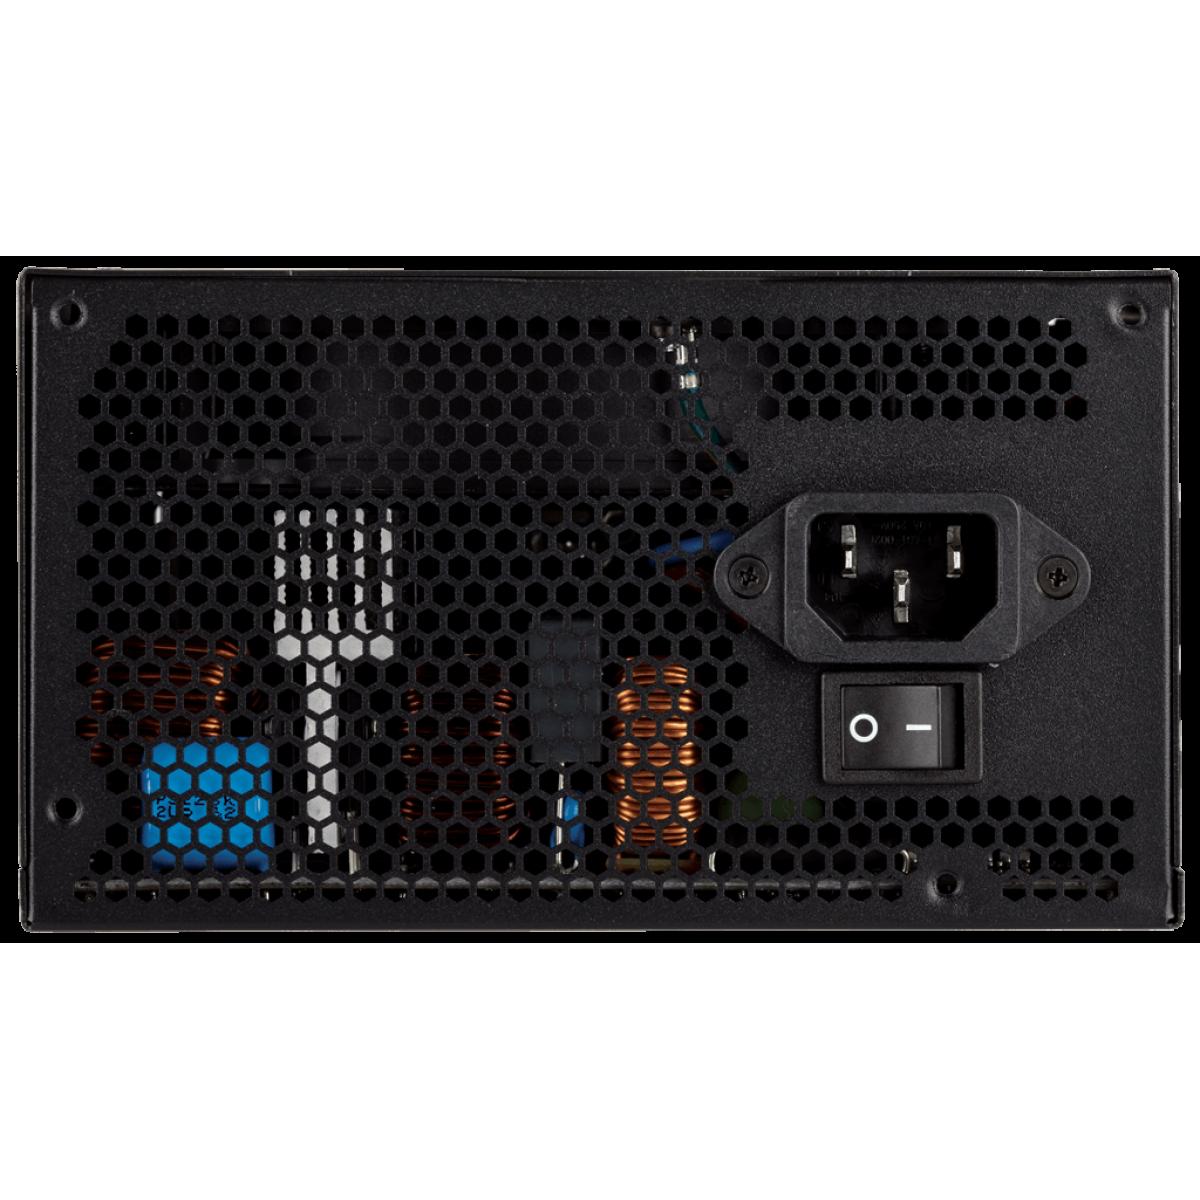 Fonte Corsair TX750M 750W, 80 Plus Gold, PFC Ativo, Semi Modular, CP-9020131-W